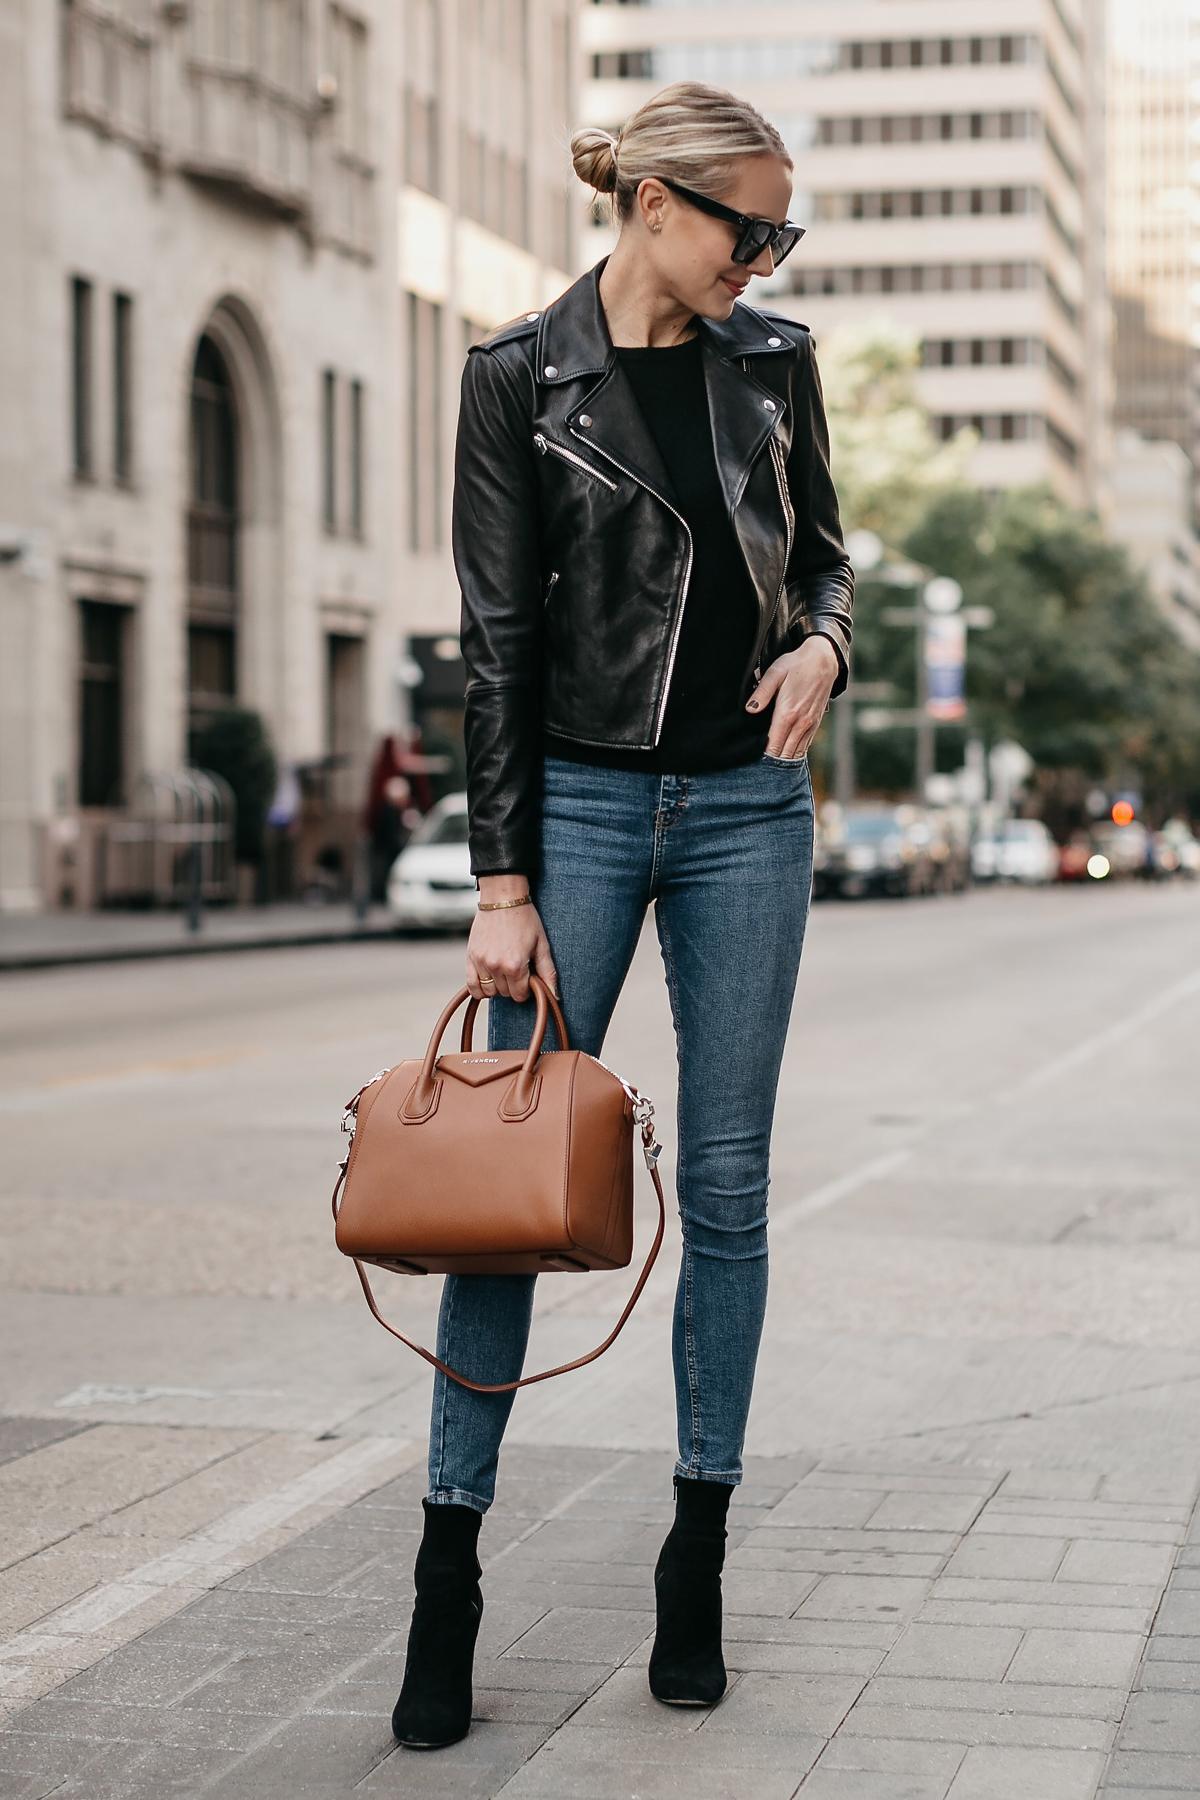 UK Leather Jackets Leather jackets fashion blog